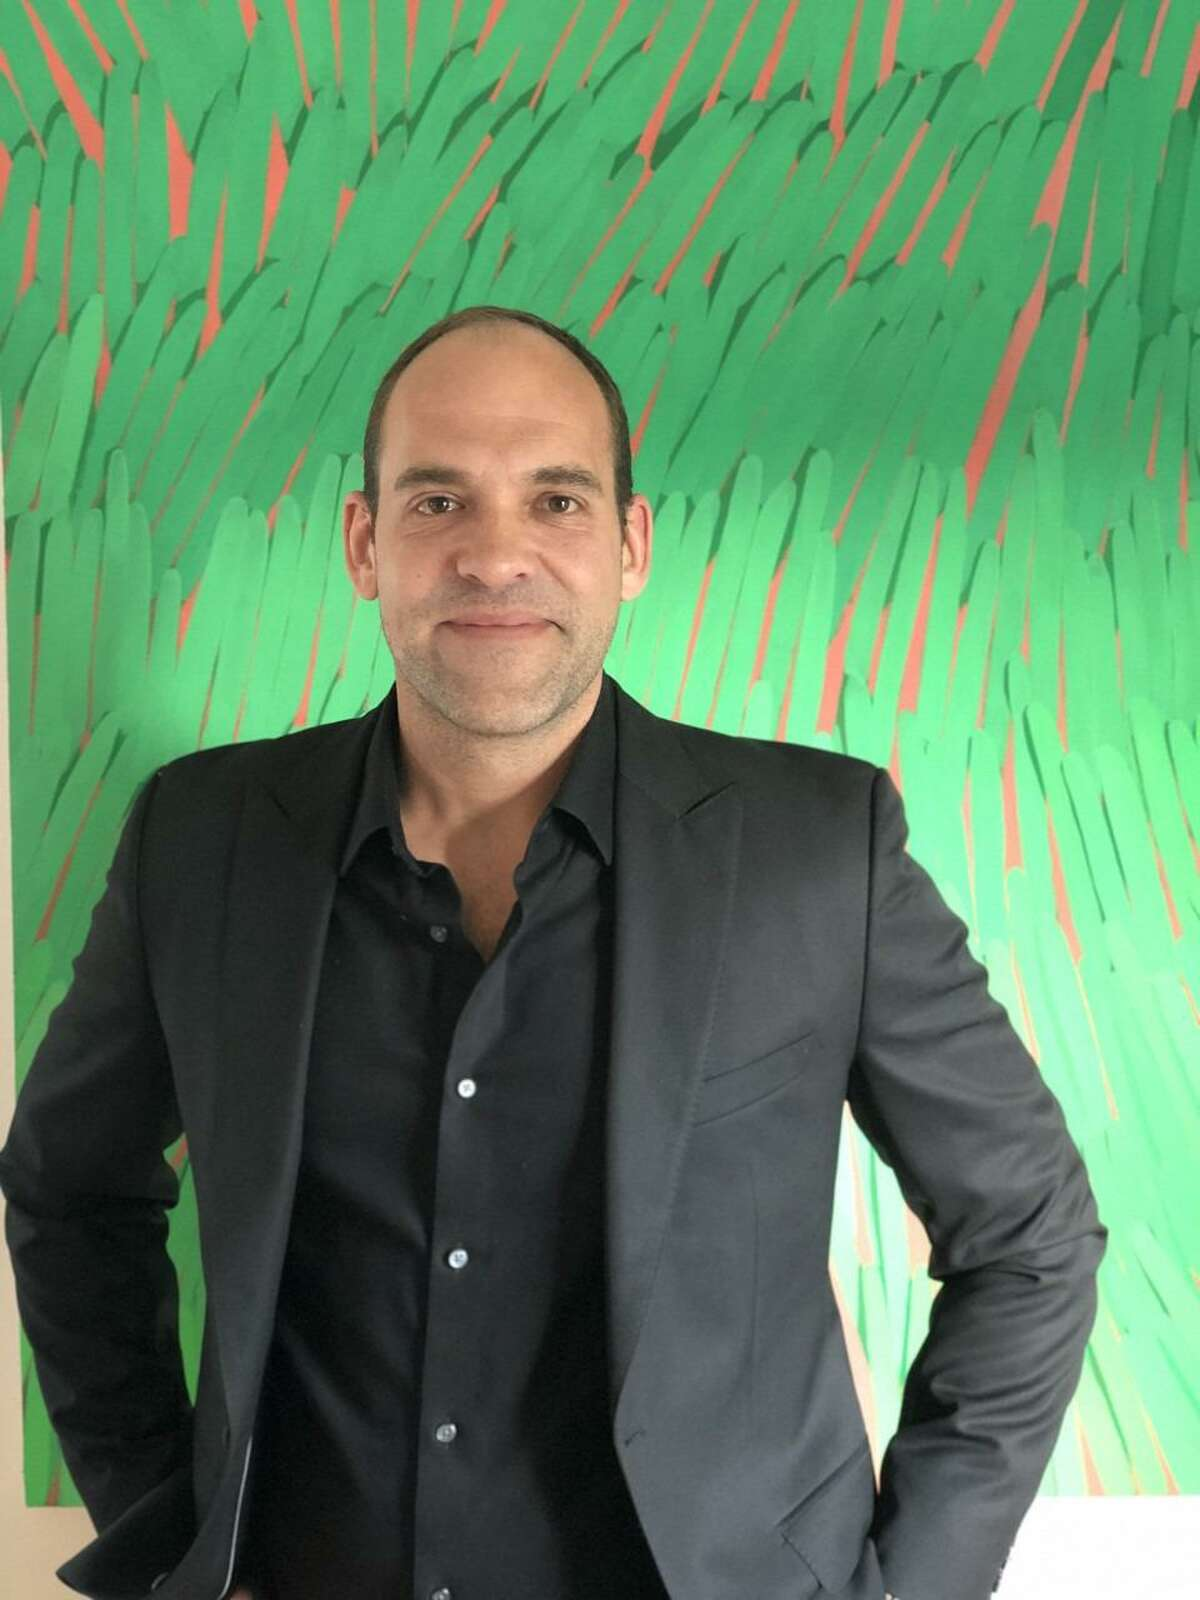 Paul Efstathiou